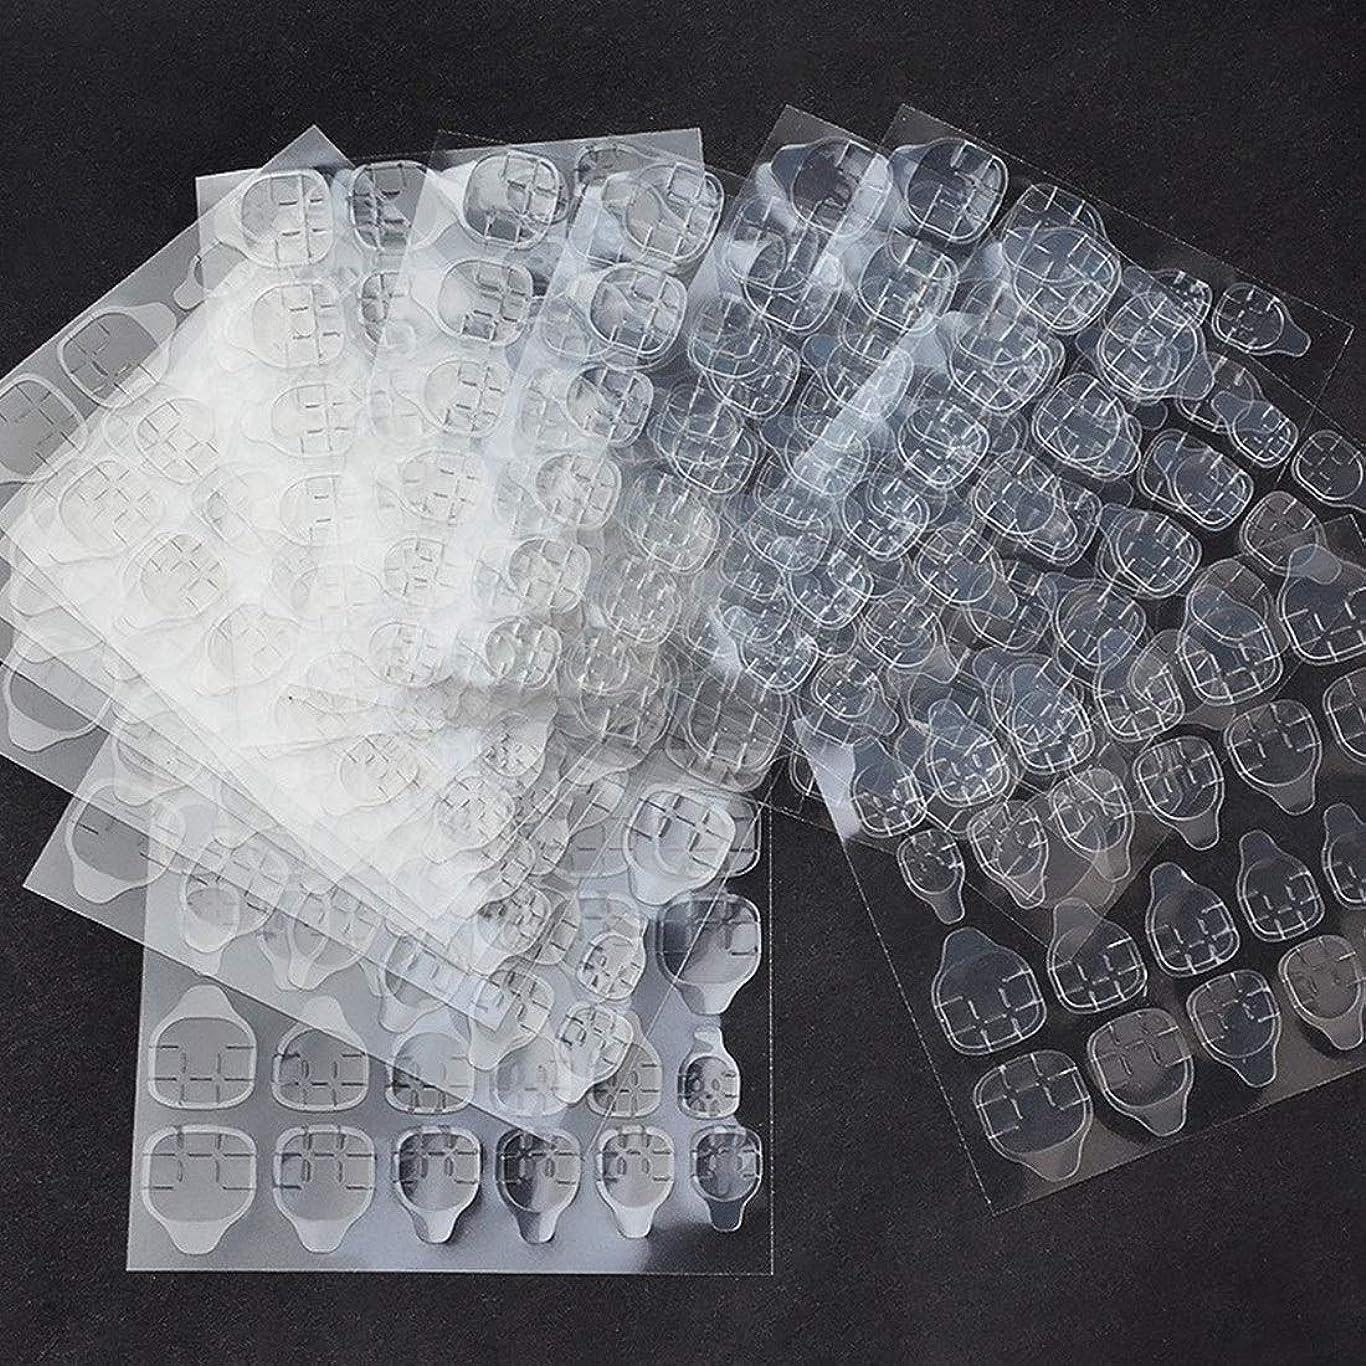 尊敬するできない誘惑ALEXBIAN 10枚防水通気性透明超薄型両面接着タブネイルグルーステッカー偽ネイルのヒント